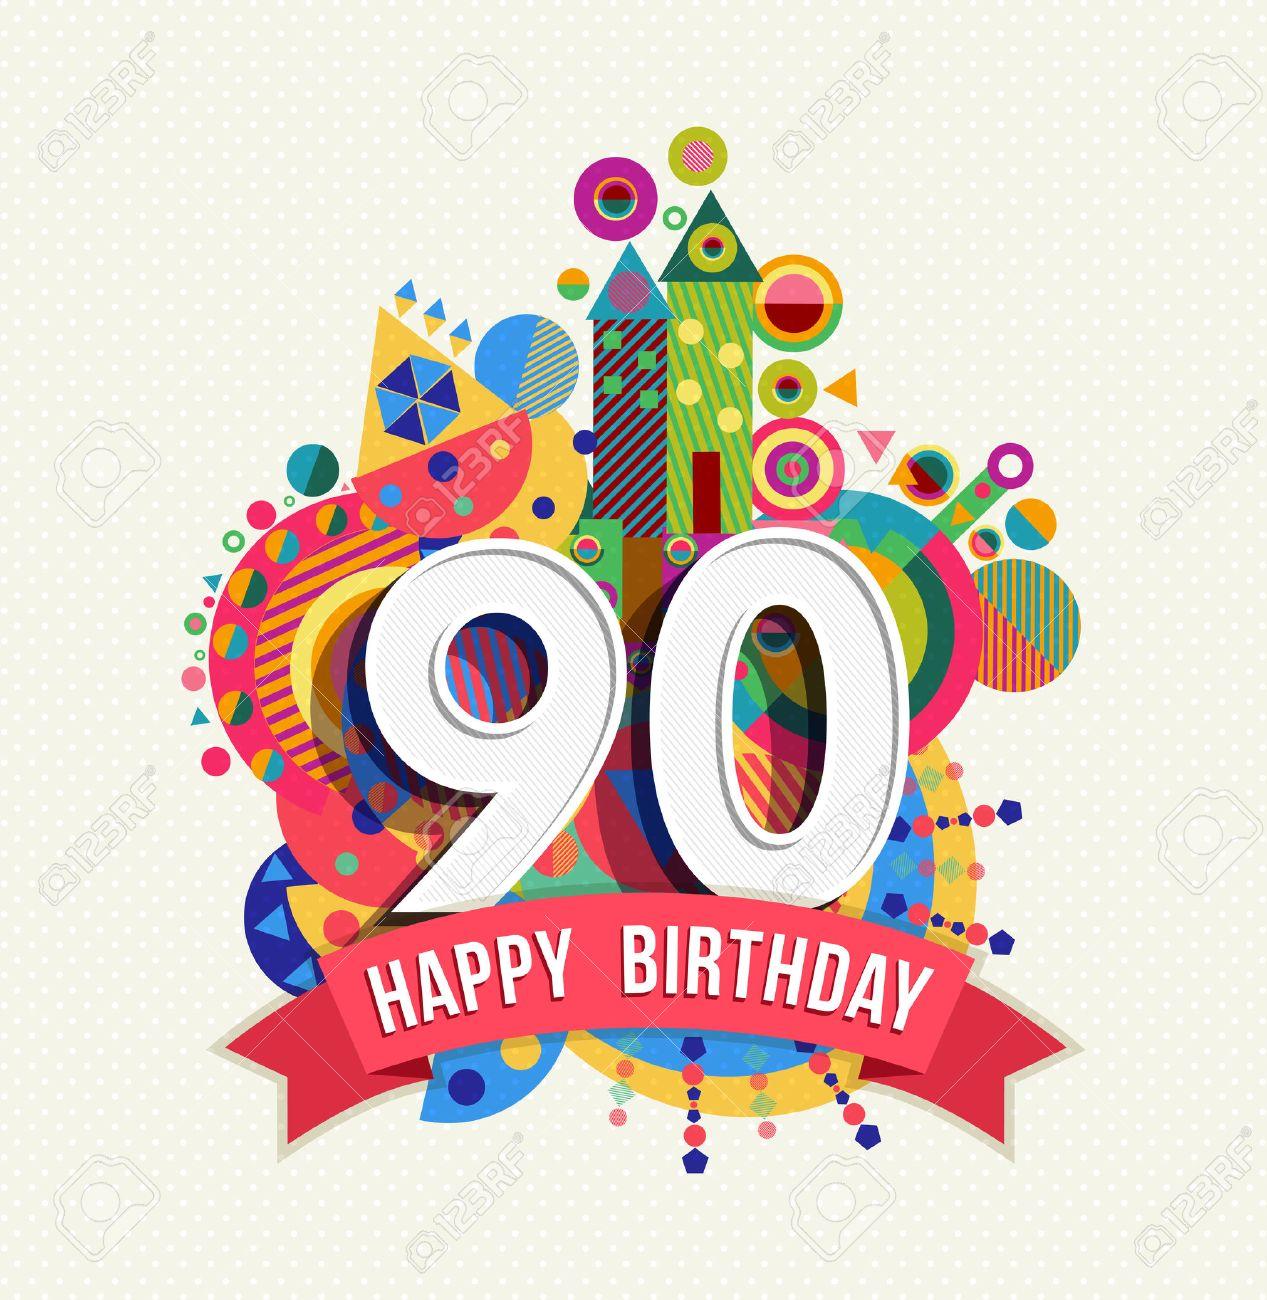 Alles Gute Zum Geburtstag Neunzig 90 Jahre, Spaß Feier Grußkarte